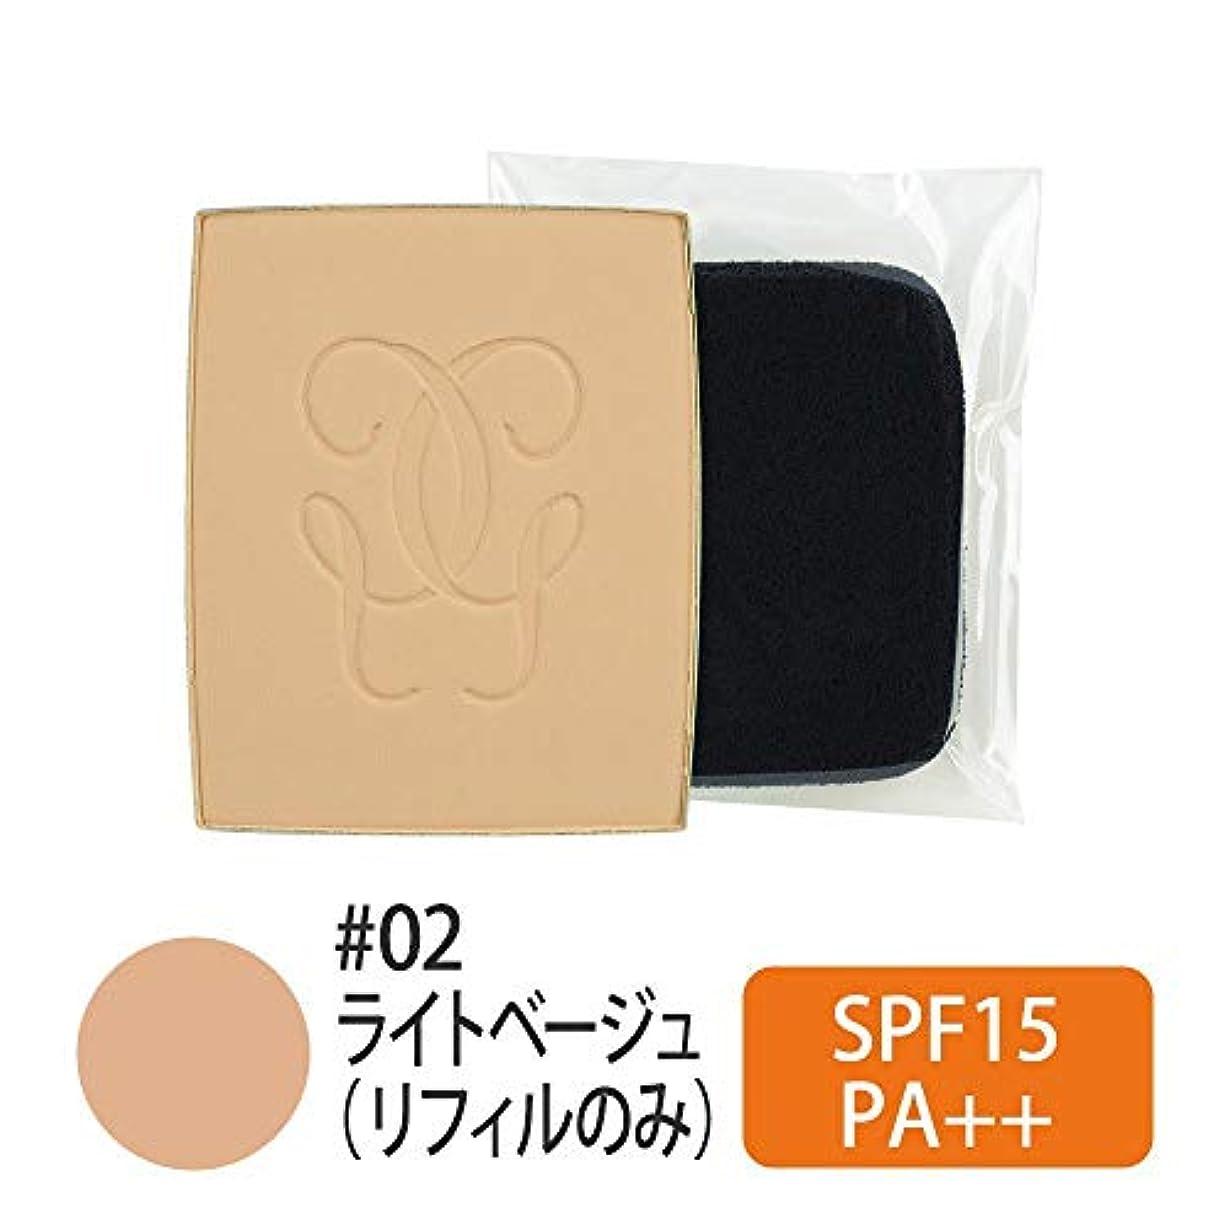 乞食日焼けゲラン(Guerlain) 【リフィルのみ】パリュール ゴールド コンパクト SPF15/PA++ #02(ライトベージュ) [並行輸入品]